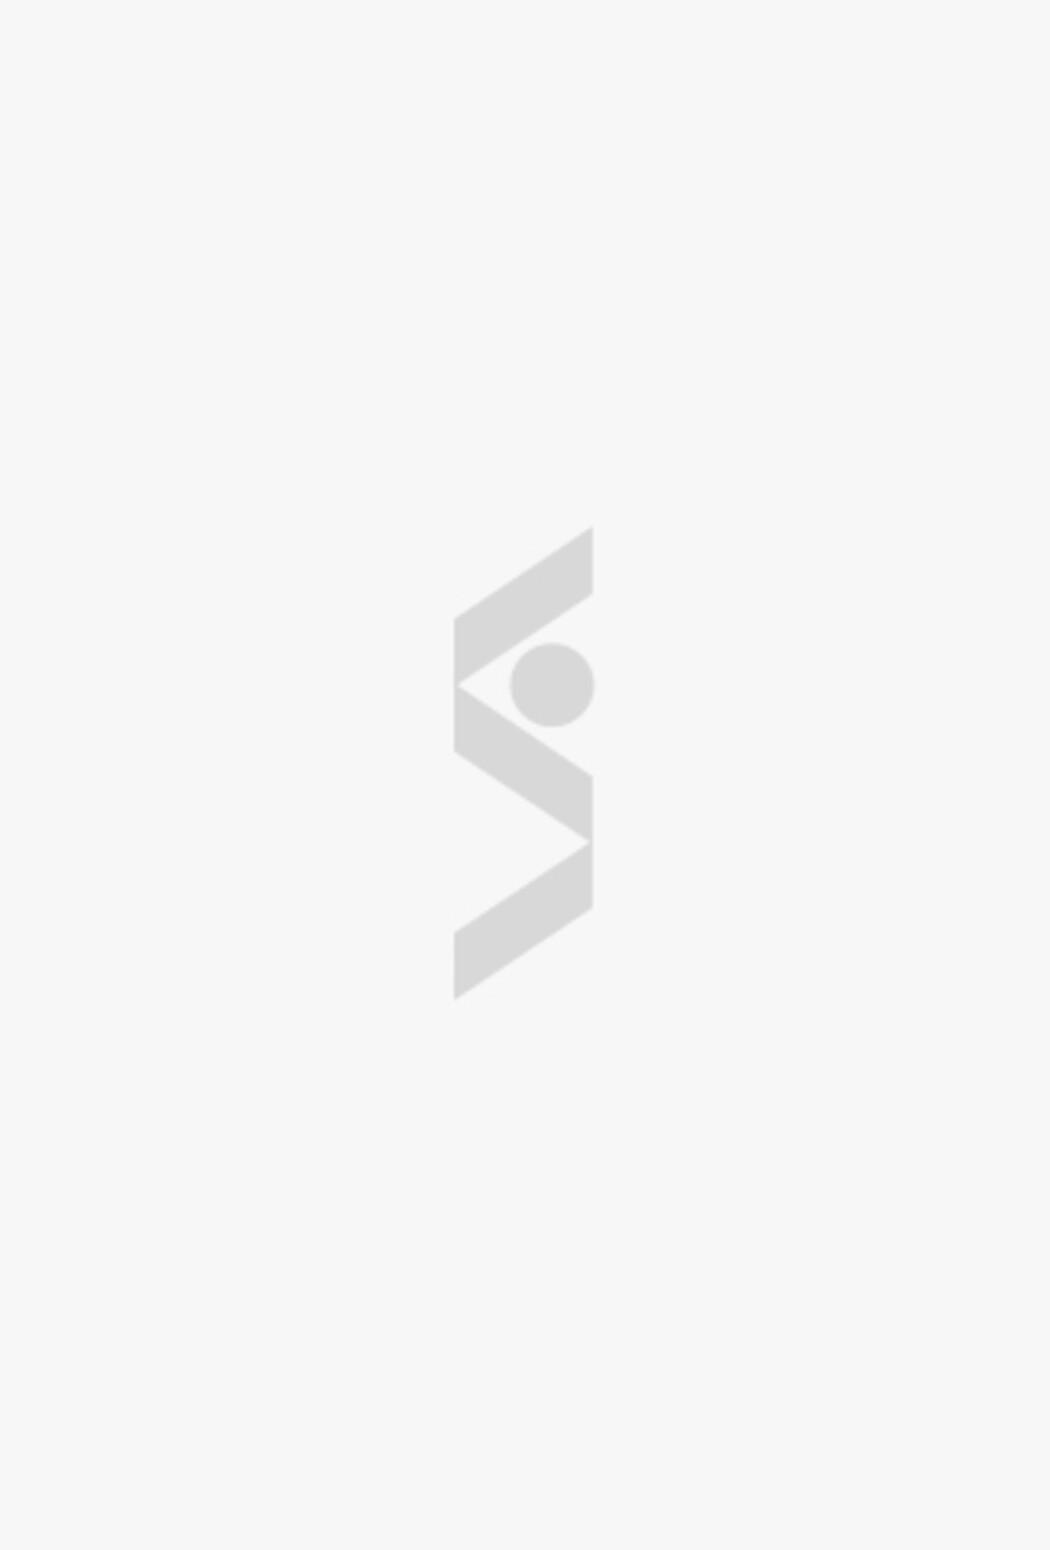 Ветровка с капюшоном Regatta - купить, цена 4190 ₽ в Москве в интернет-магазине СТОКМАНН BAFC85AF-910D-4DEB-A33F-6FEB126D97E3